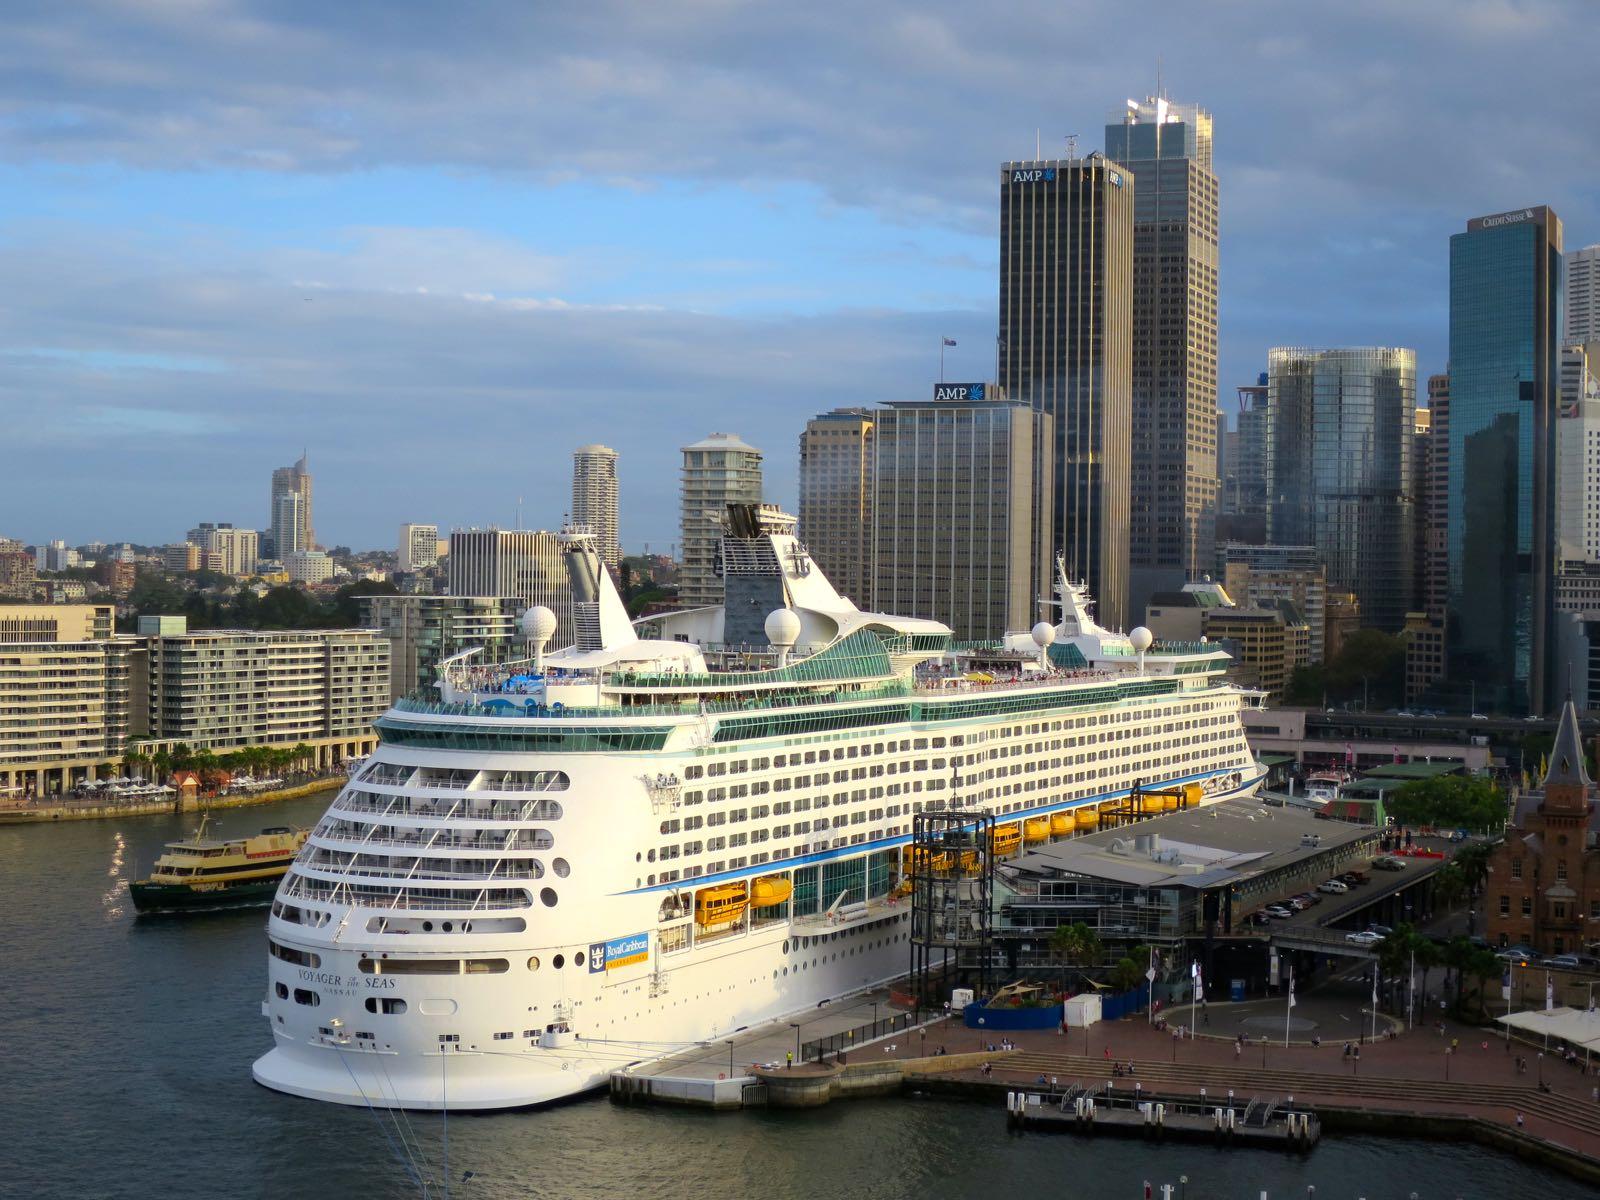 Turun telakalla valmistettu, aikanaan maailman suurin loistoristeilijä Sydneyn satamassa